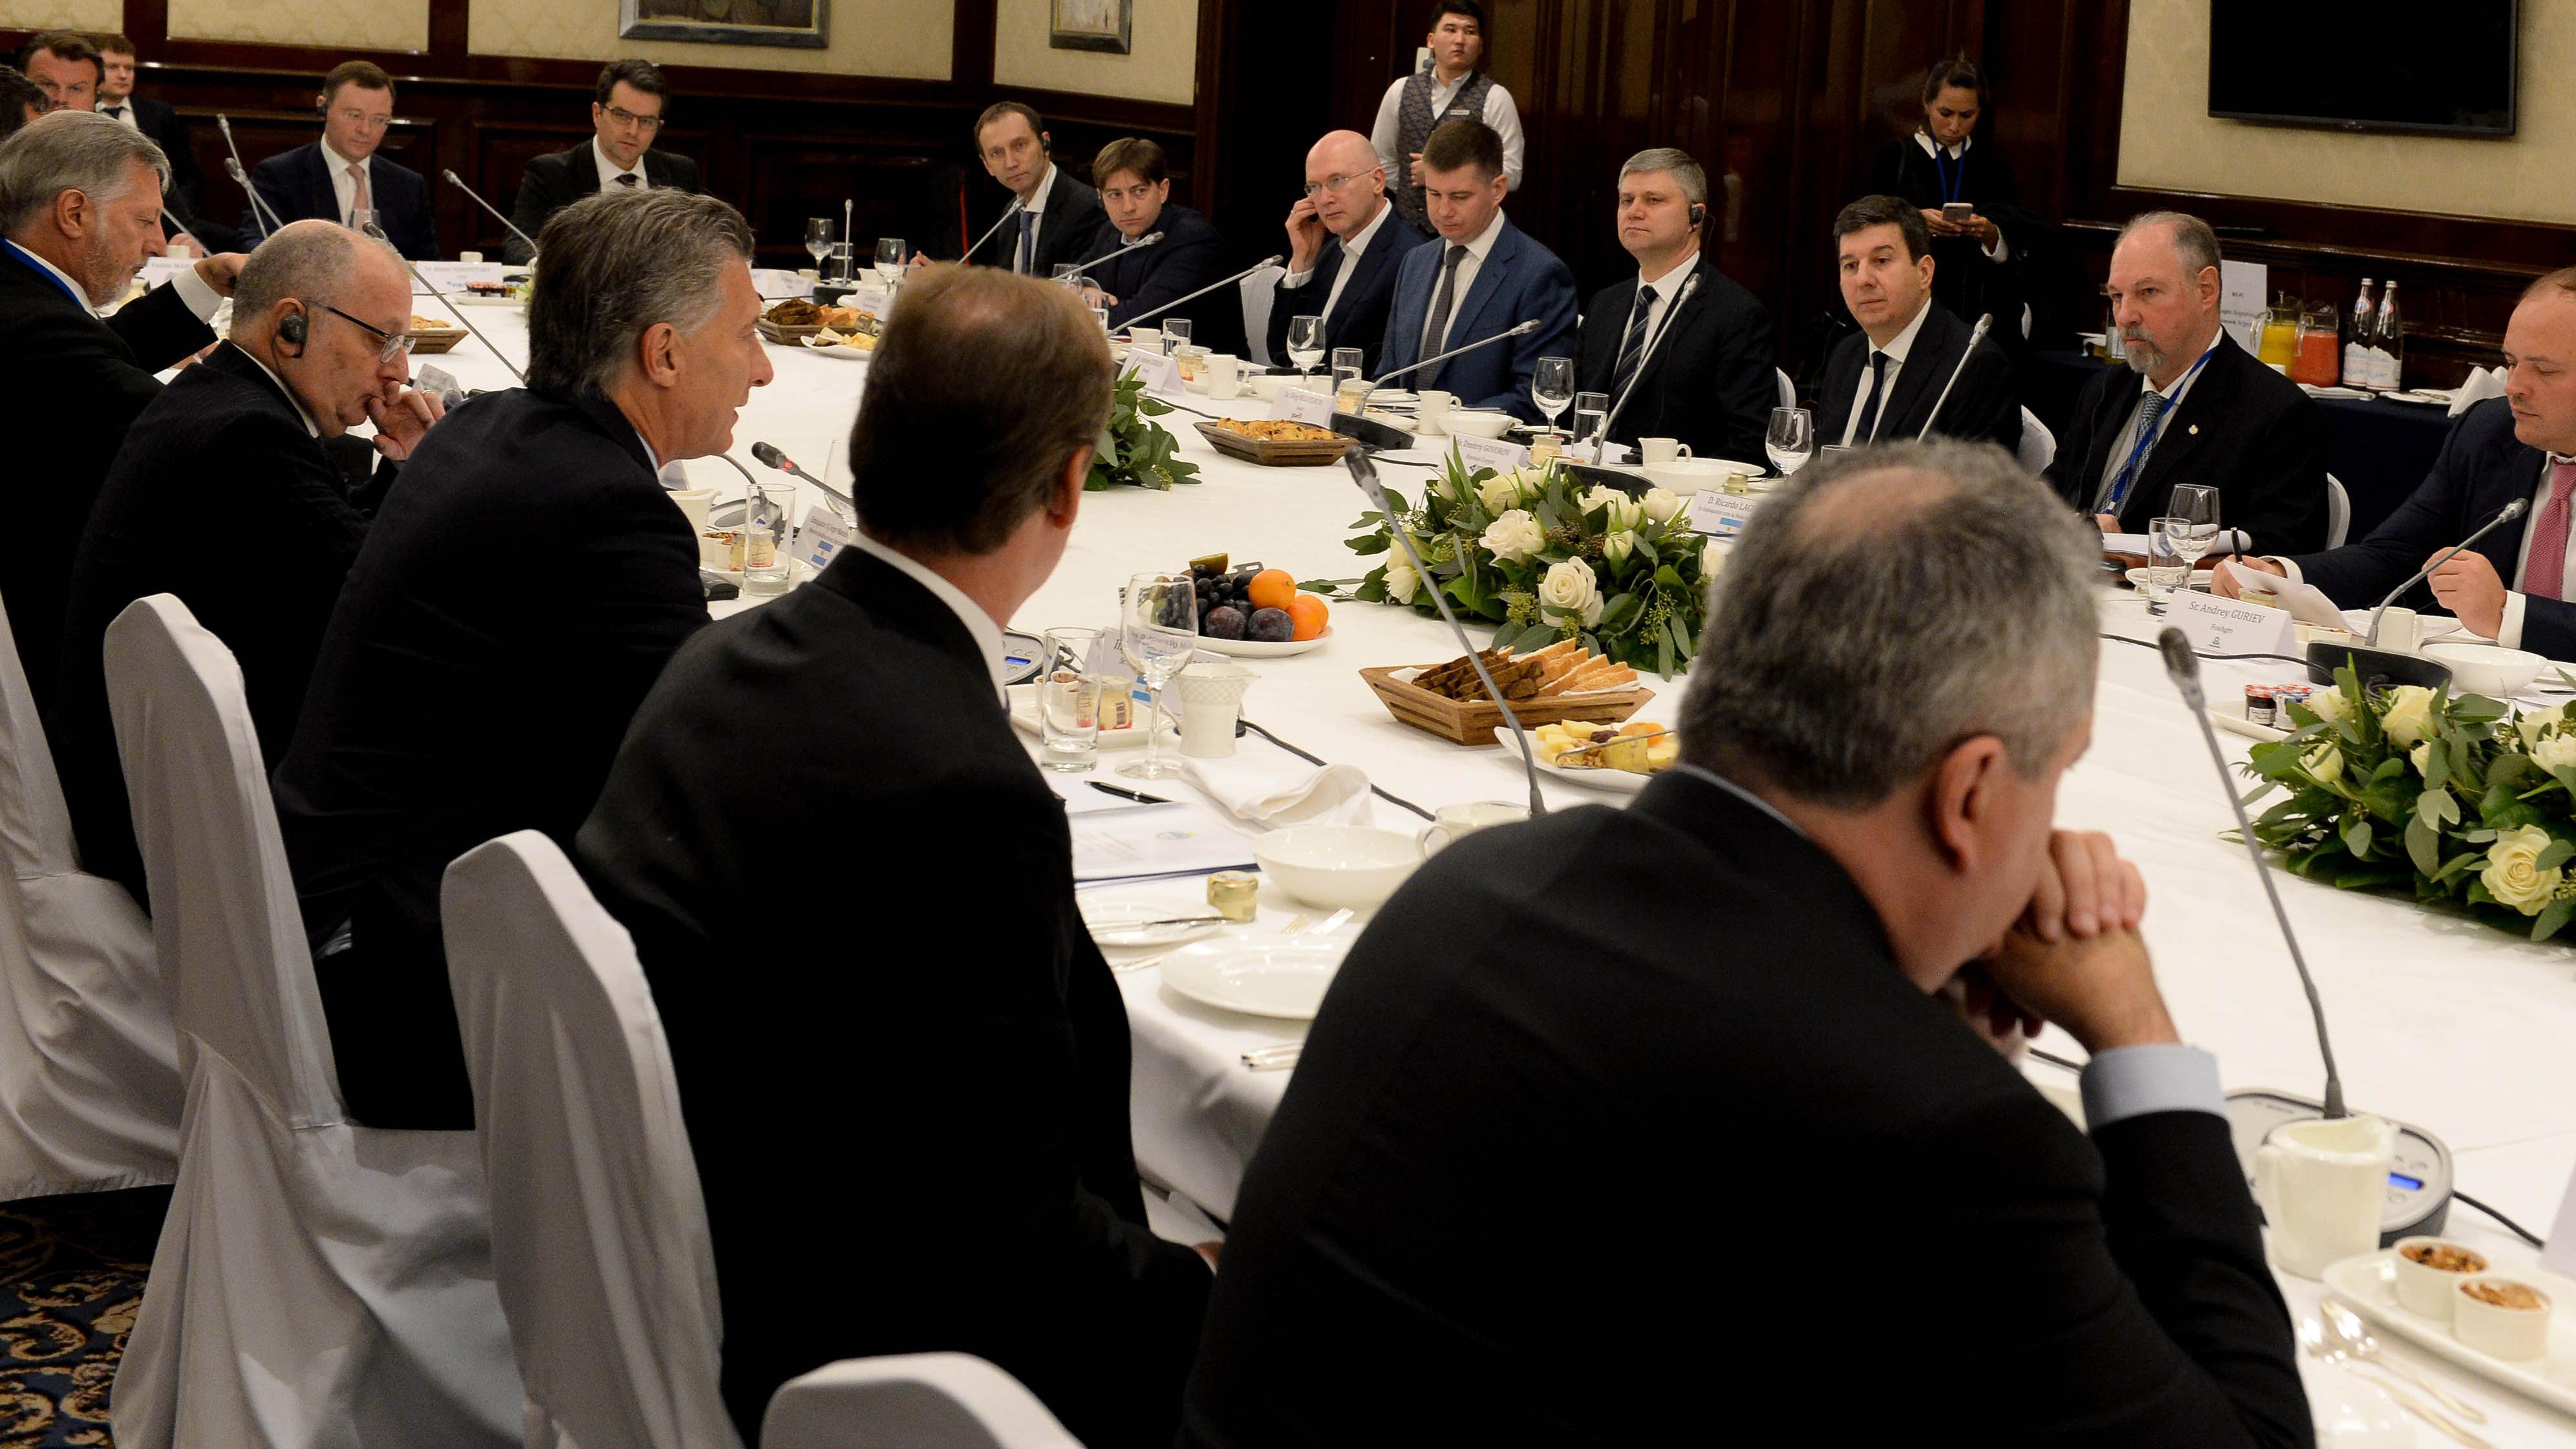 El presidente se reunió con empresarios rusos. (Foto: Télam)